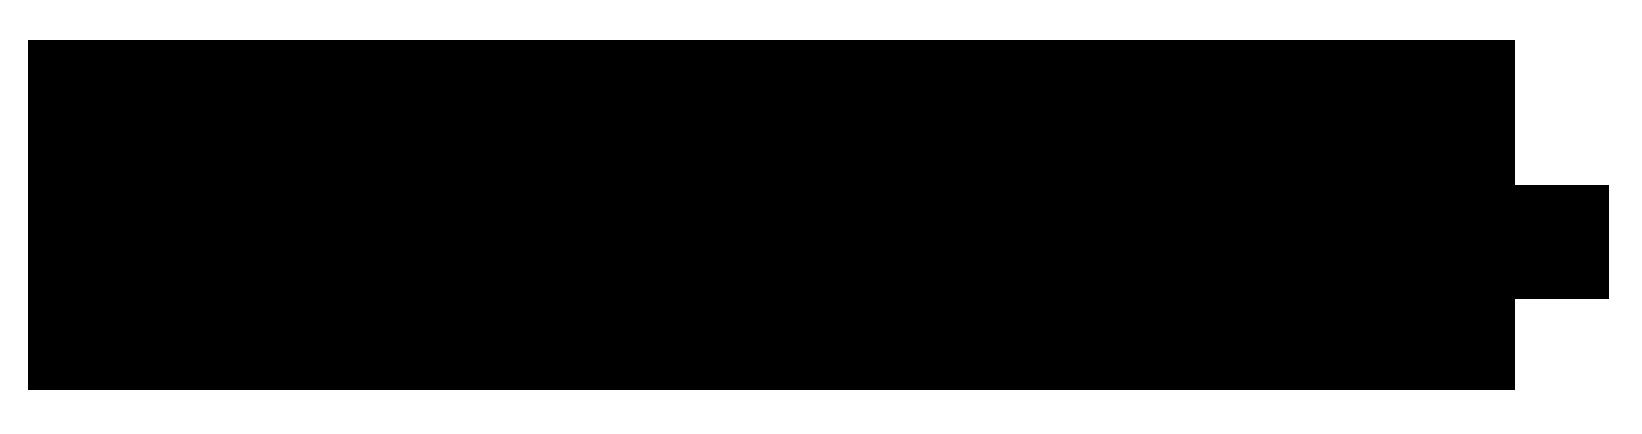 Mycolour